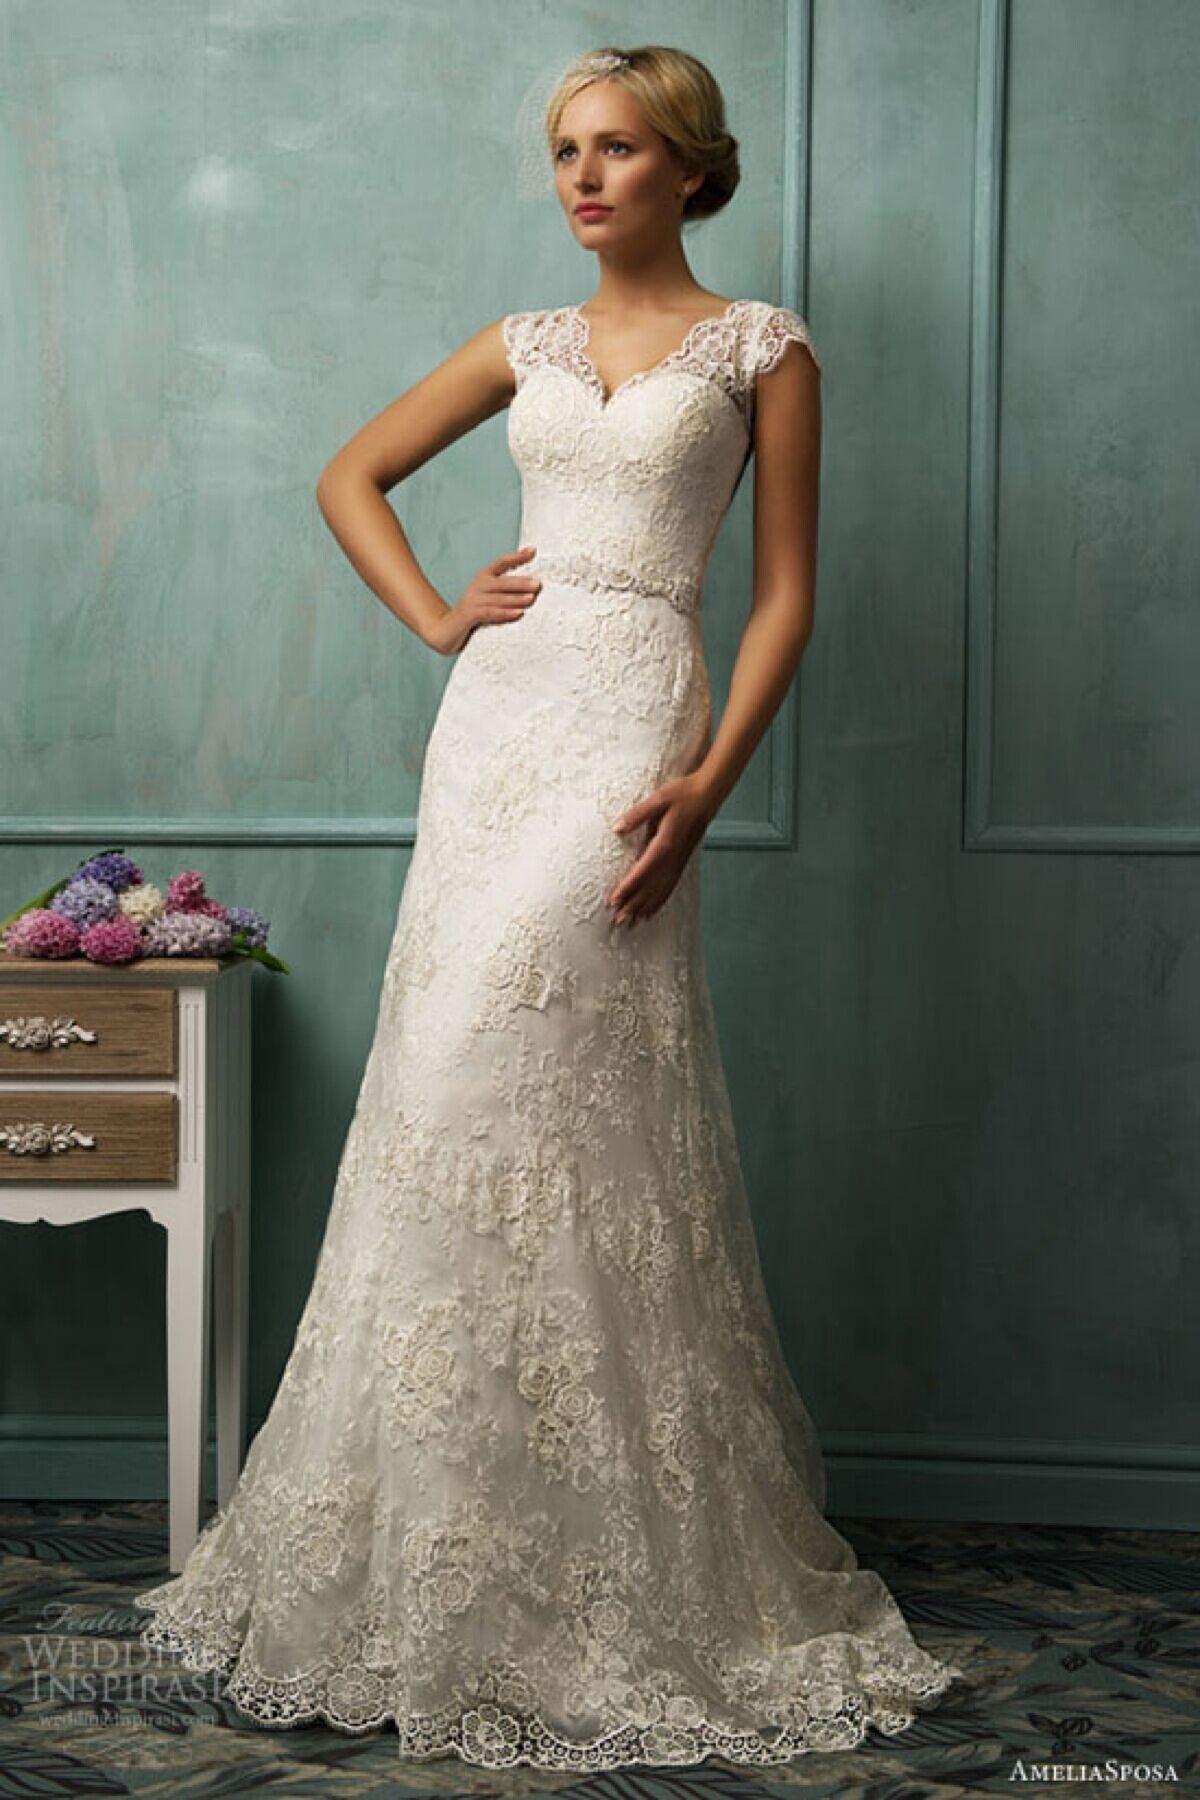 2017 Vintage Lace Wedding Dresses V Cut Neckline A Line Gowns Sheer Back Bridal